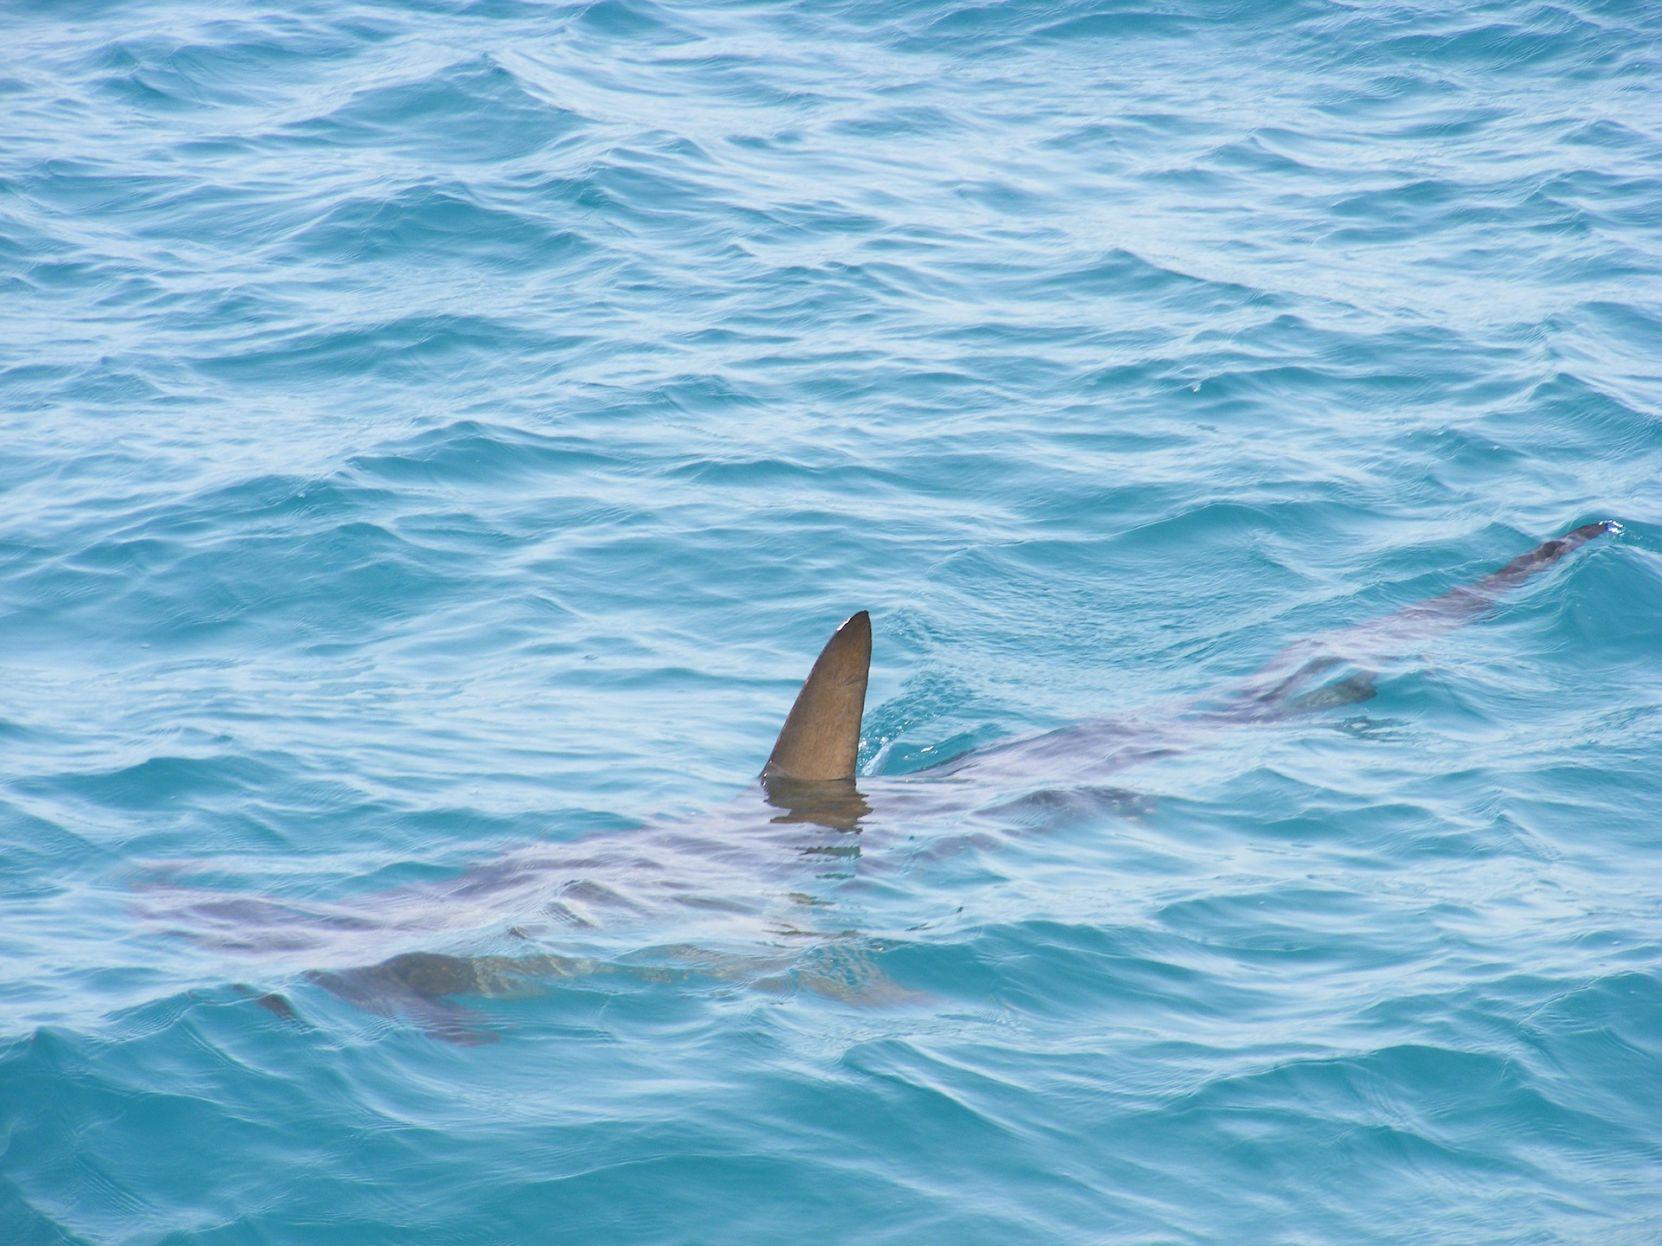 Joven es atacada por tiburón en Florida